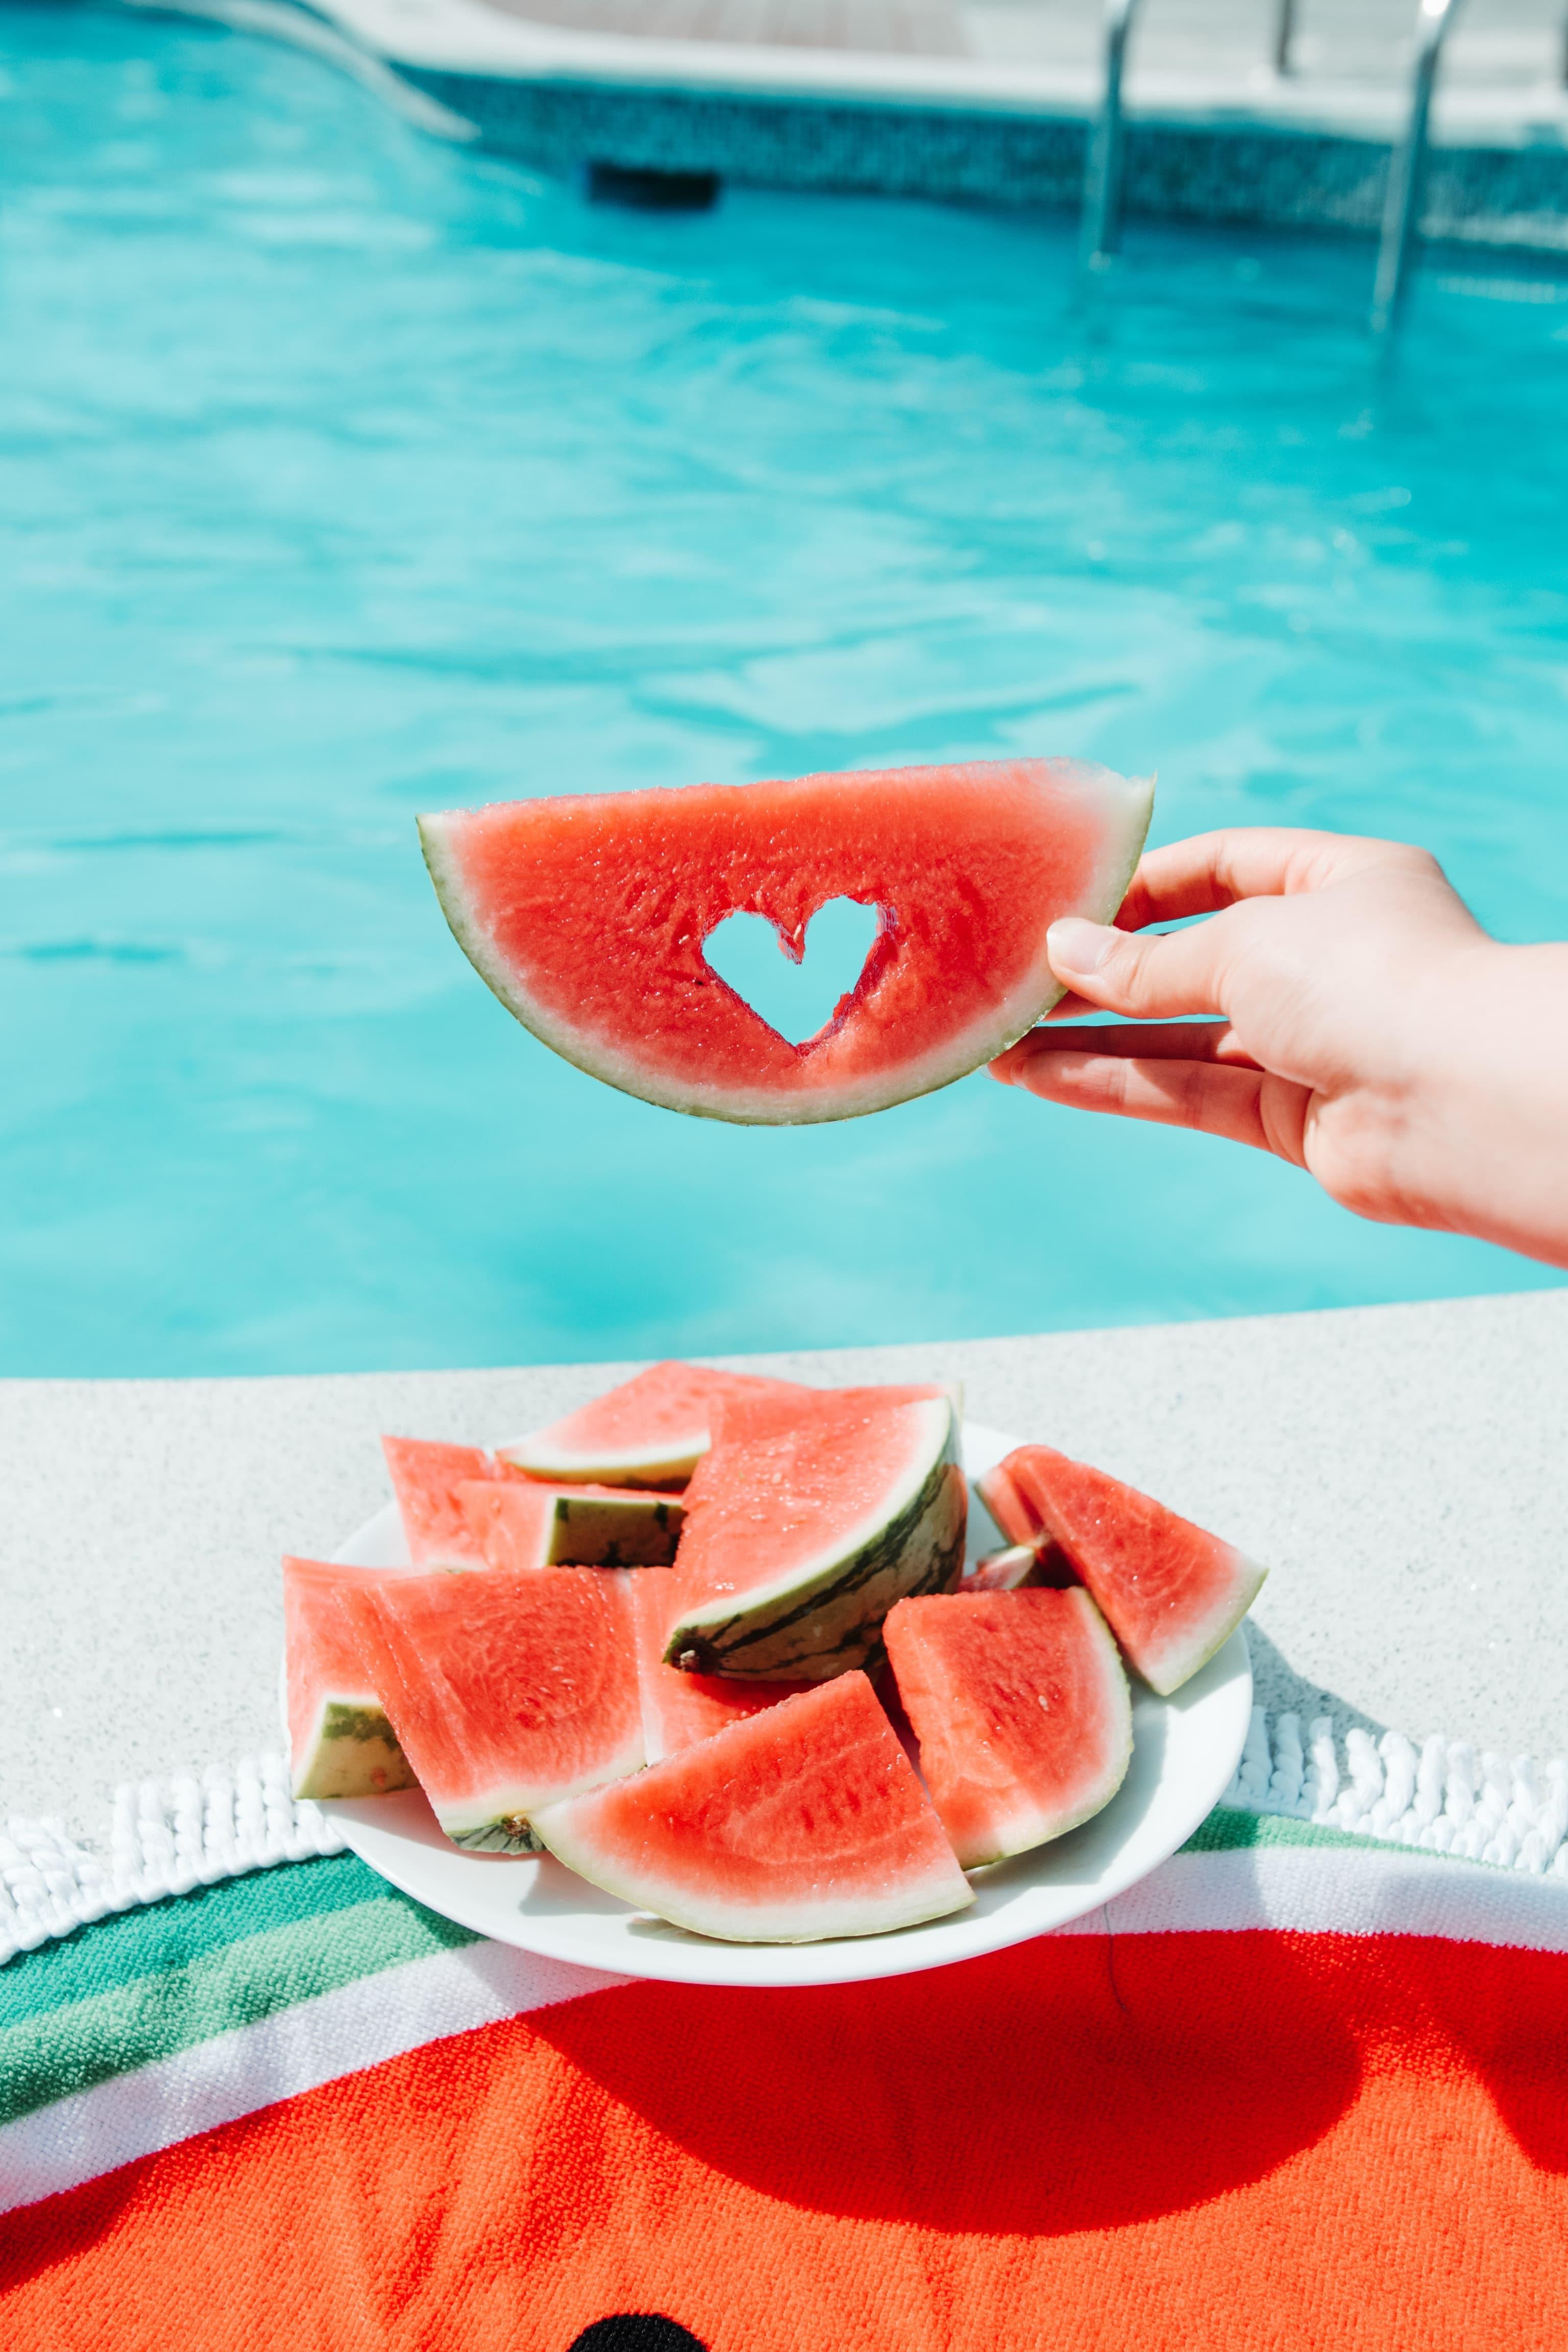 Celebra l'anguria il frutto dell'estate con Wish